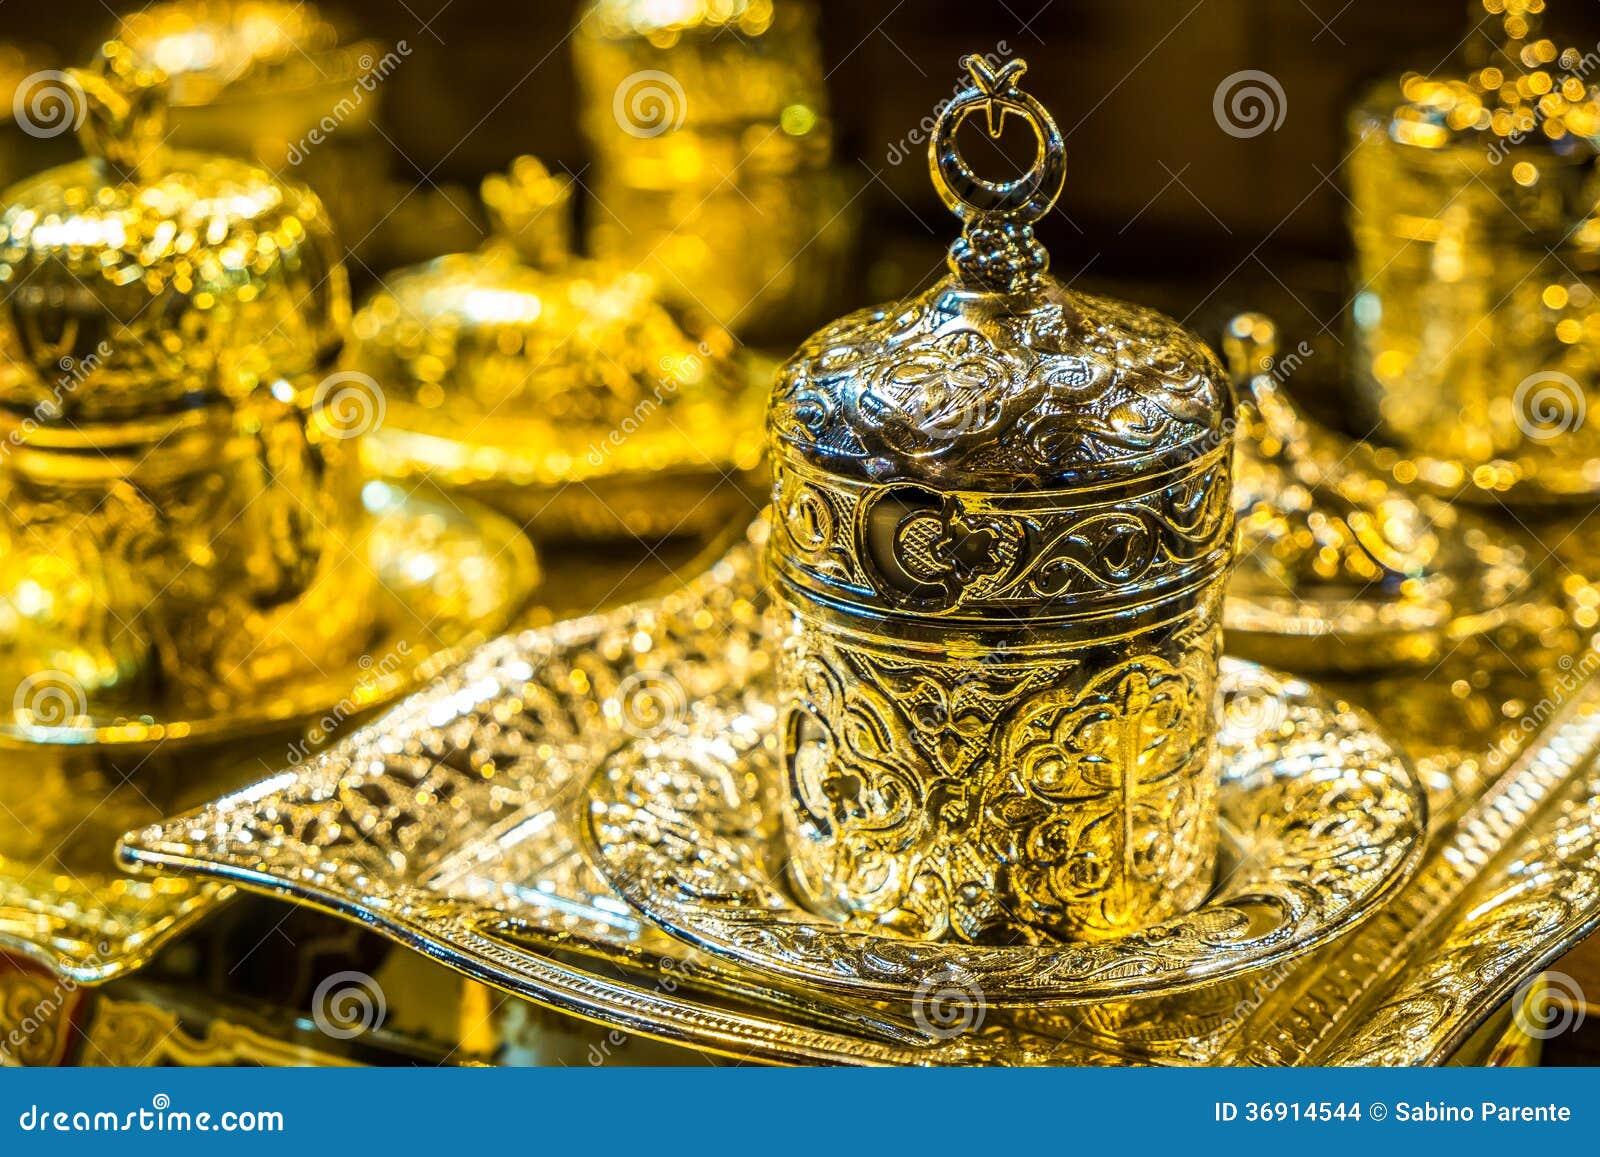 Teteras turcas imagenes de archivo imagen 36914544 for Utensilios de cocina turca